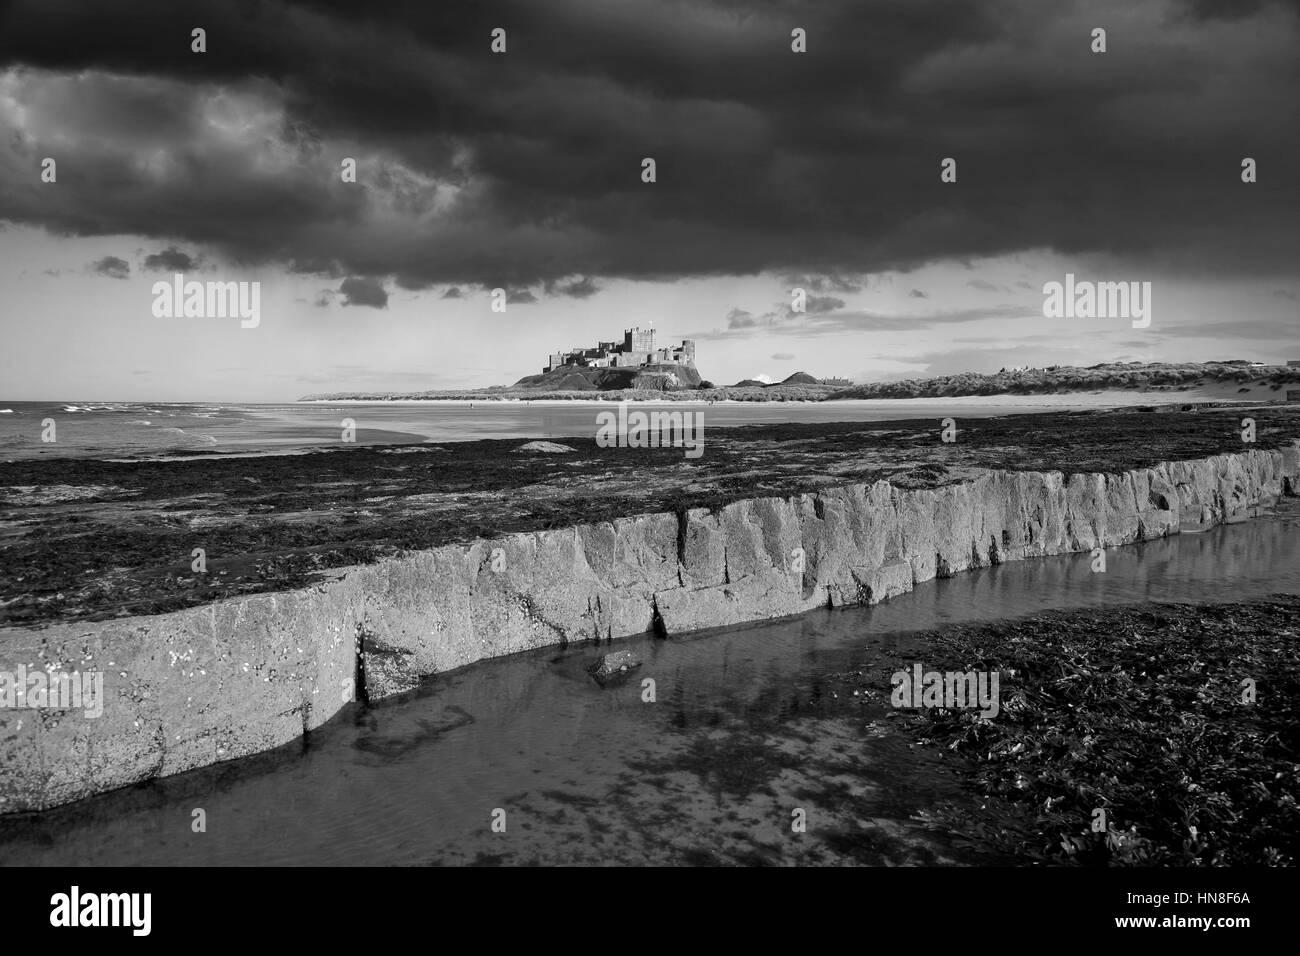 Rainbow and Storm, Bamburgh Castle, Bamburgh village, North Northumbrian Coast, Northumbria County, England, UK - Stock Image